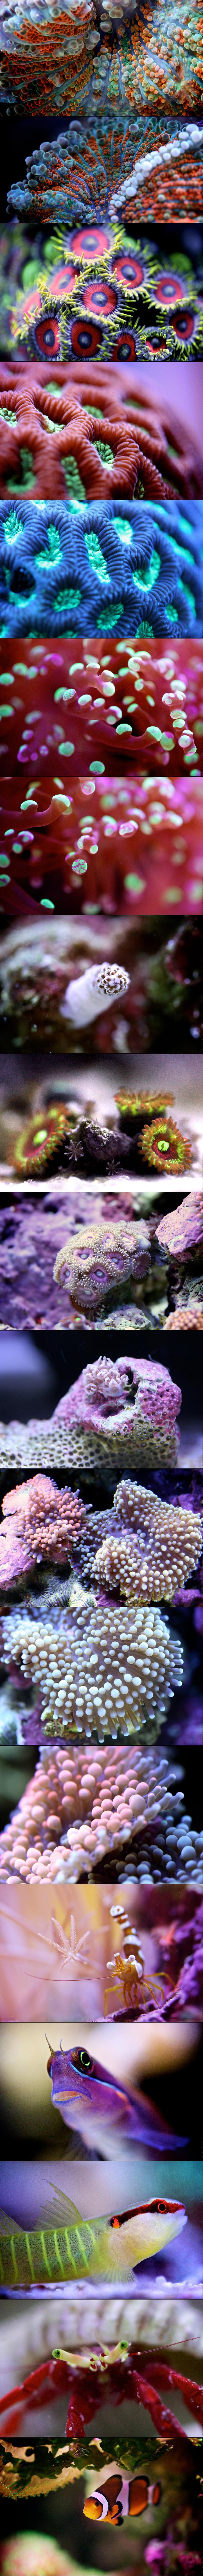 3ac5aa87106788f5d25000705e0bc3da Frais De Tuyau Aquarium Des Idées